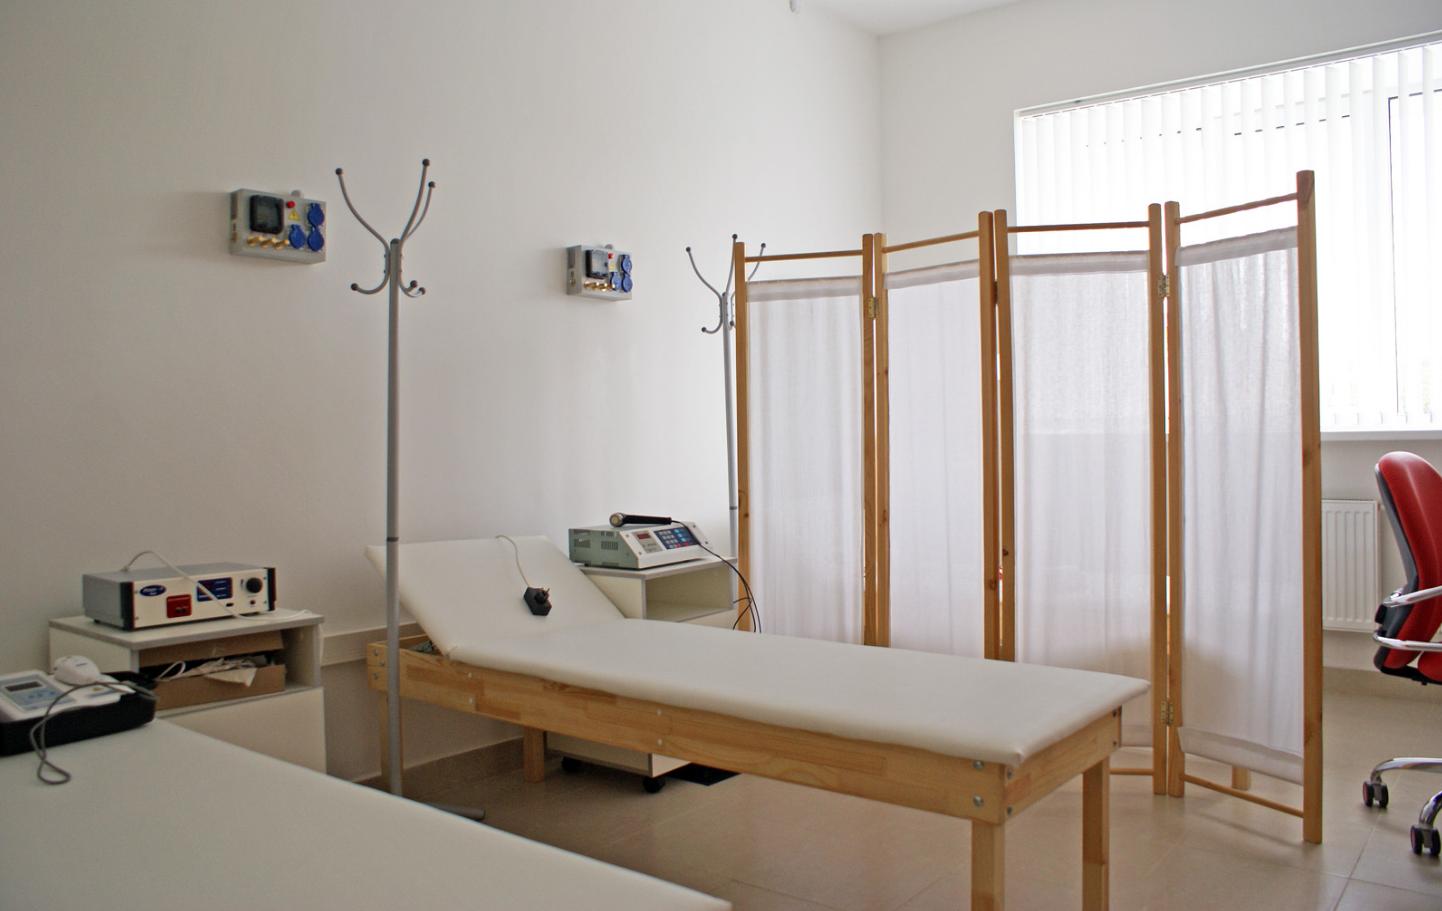 як організувати бізнес на відкритті фізіотерапевтичного кабінету